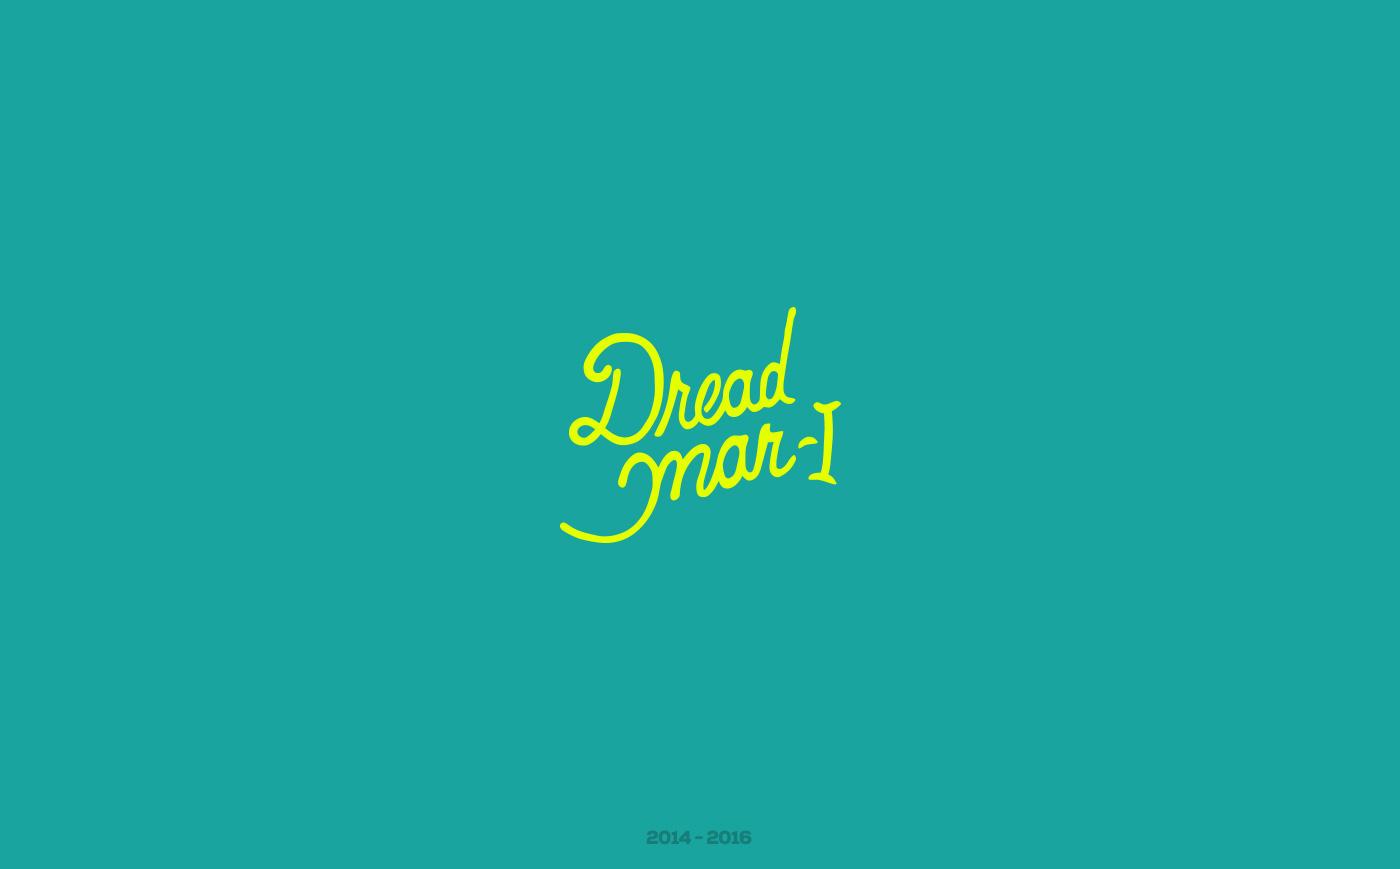 DREAD-MAR-I-LOGO-2014-02